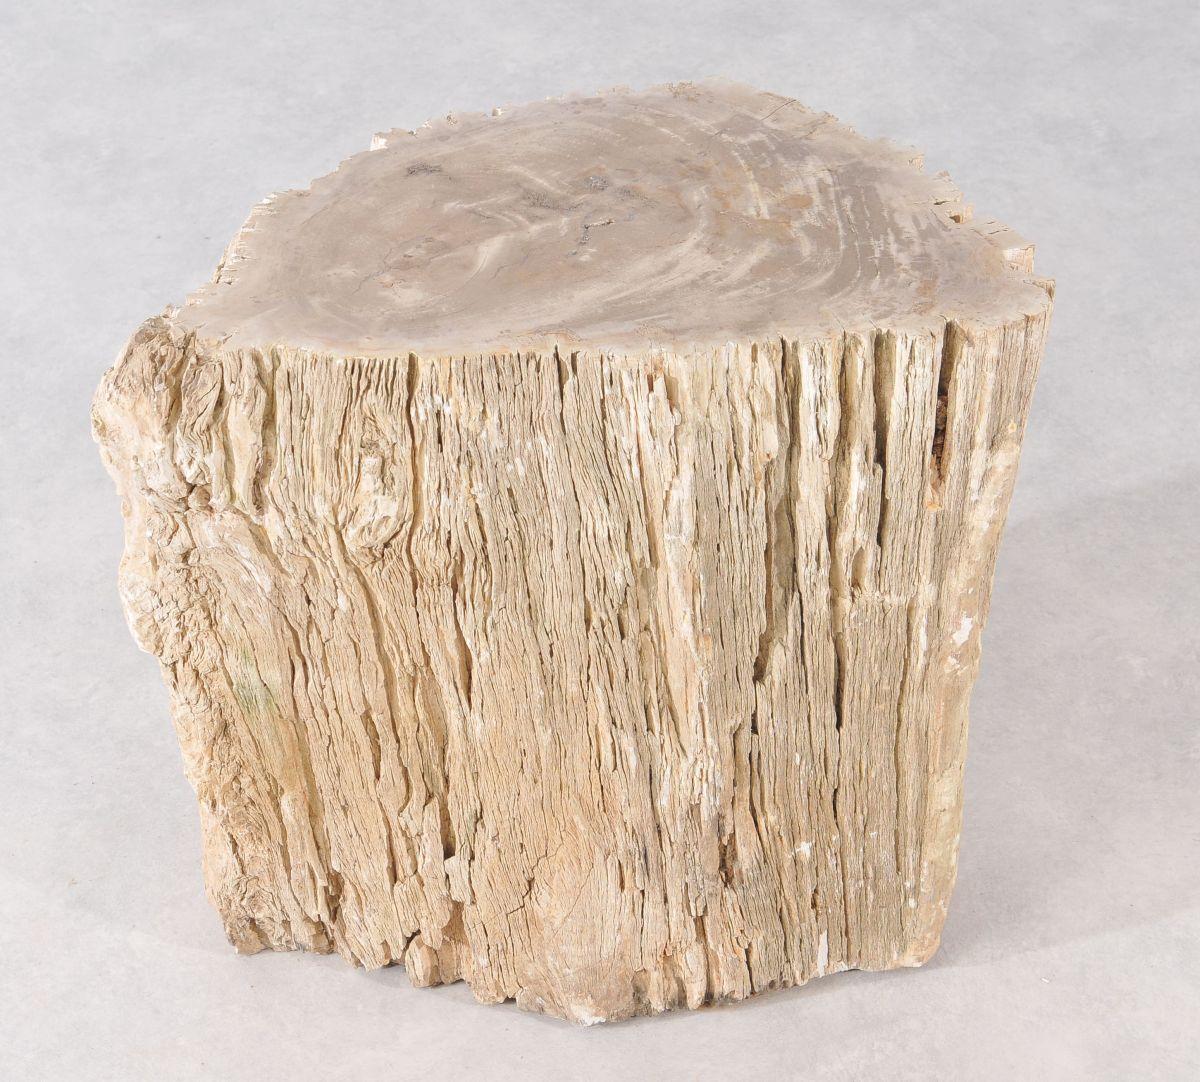 Bijzettafel versteend hout 36010